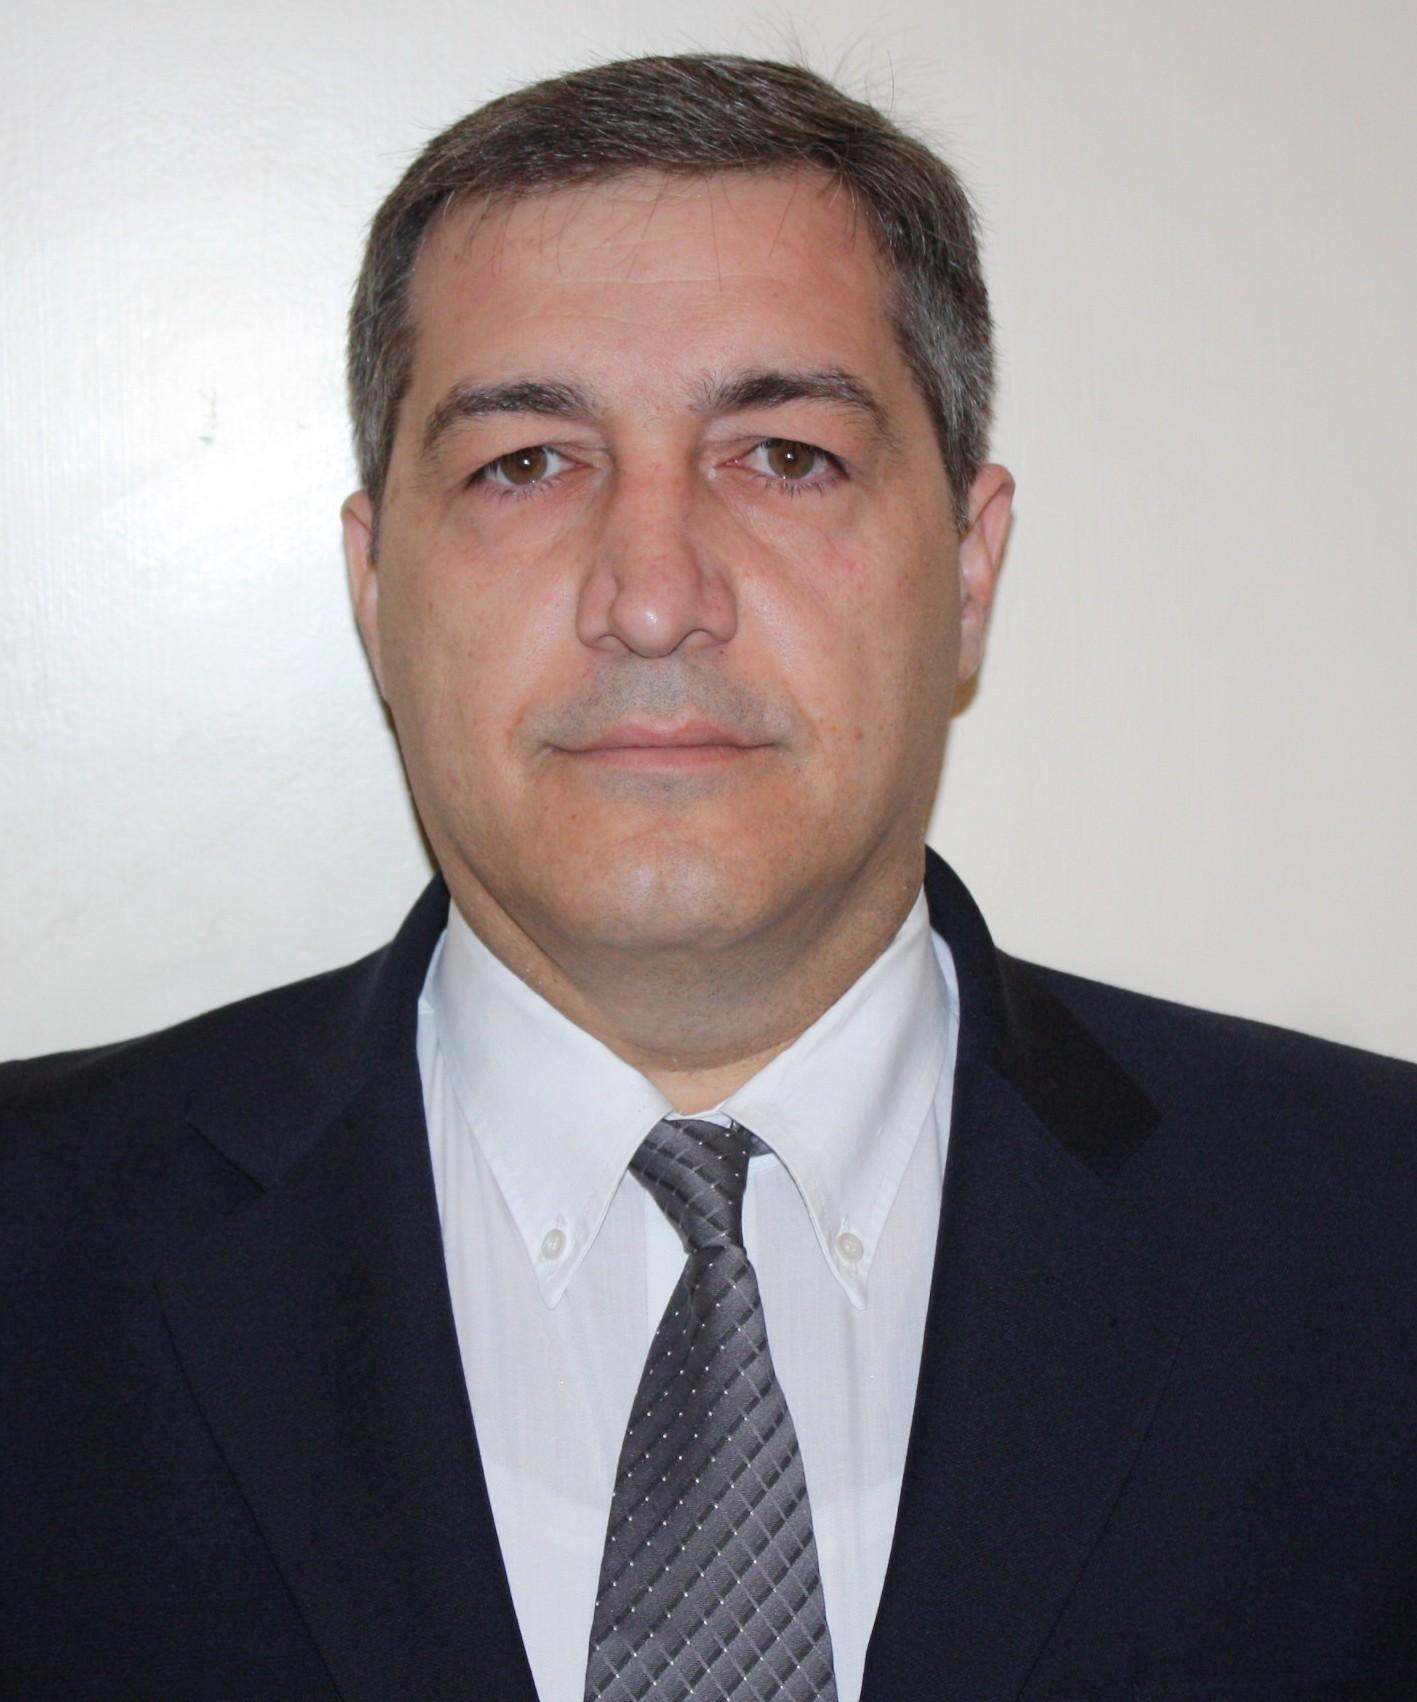 Manolis Apostolakis